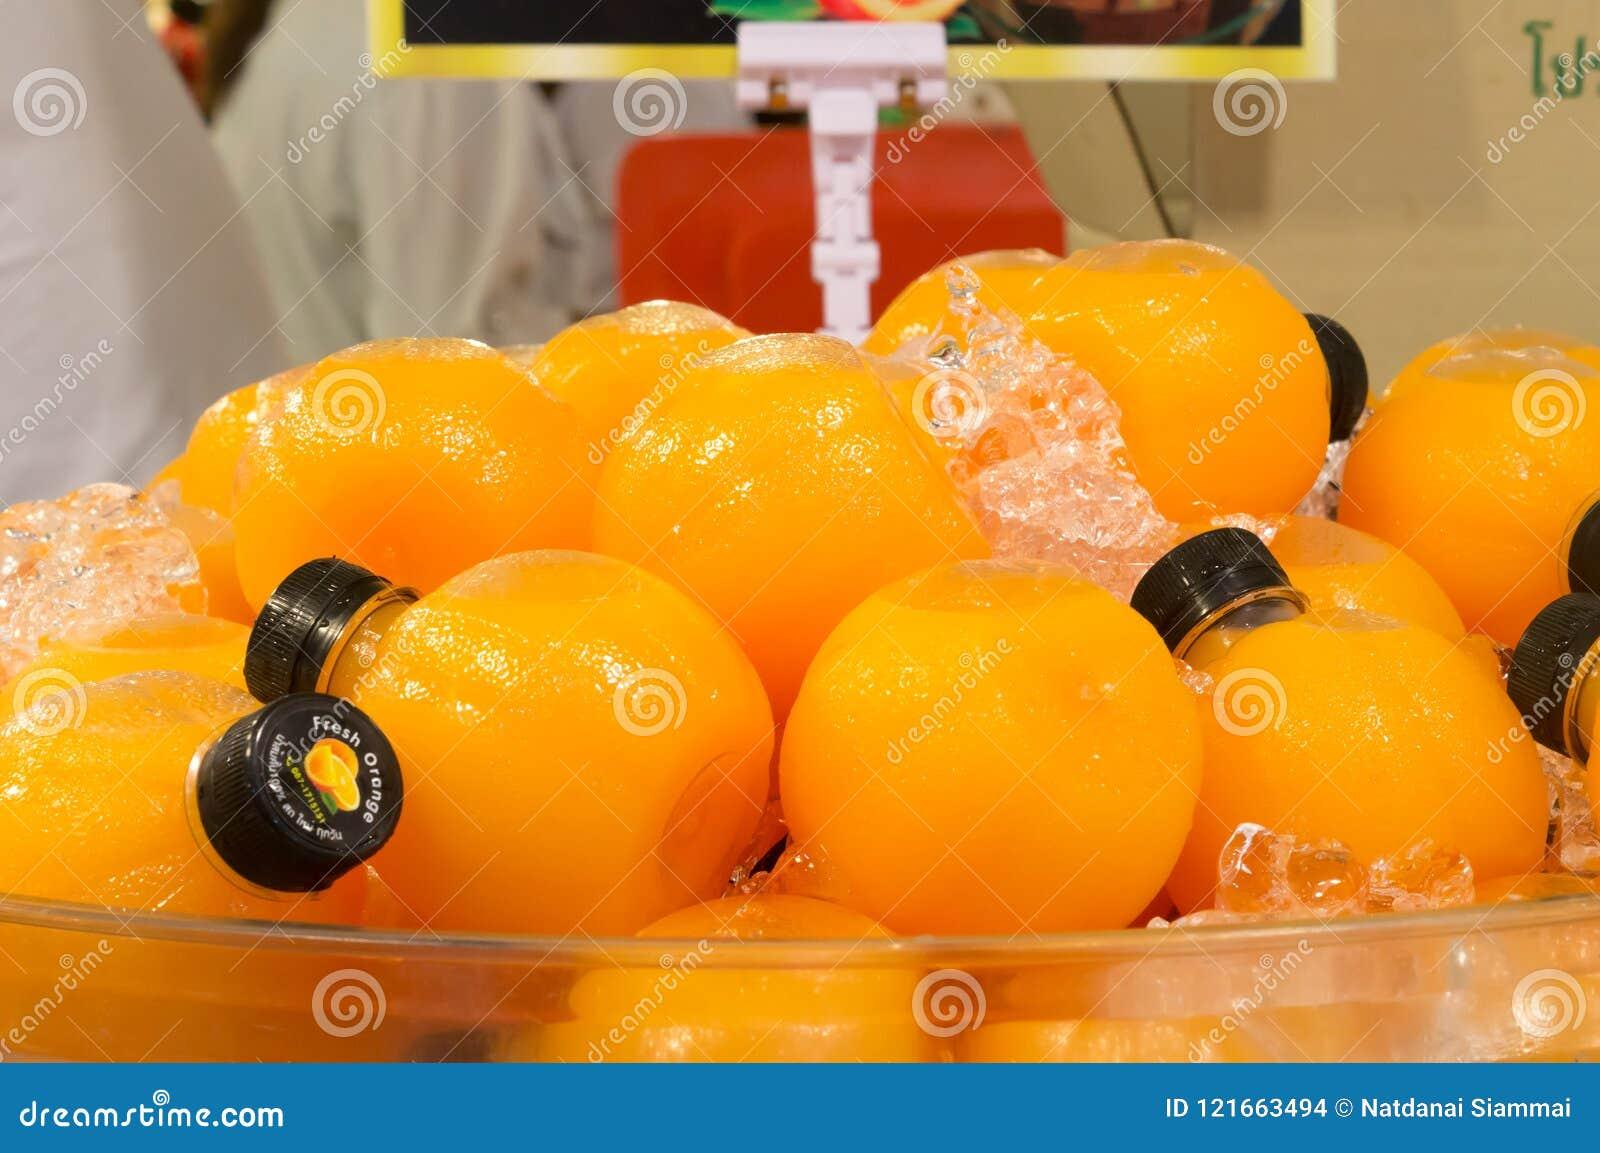 Succo d arancia in bottiglie di plastica rotonde sulla vendita